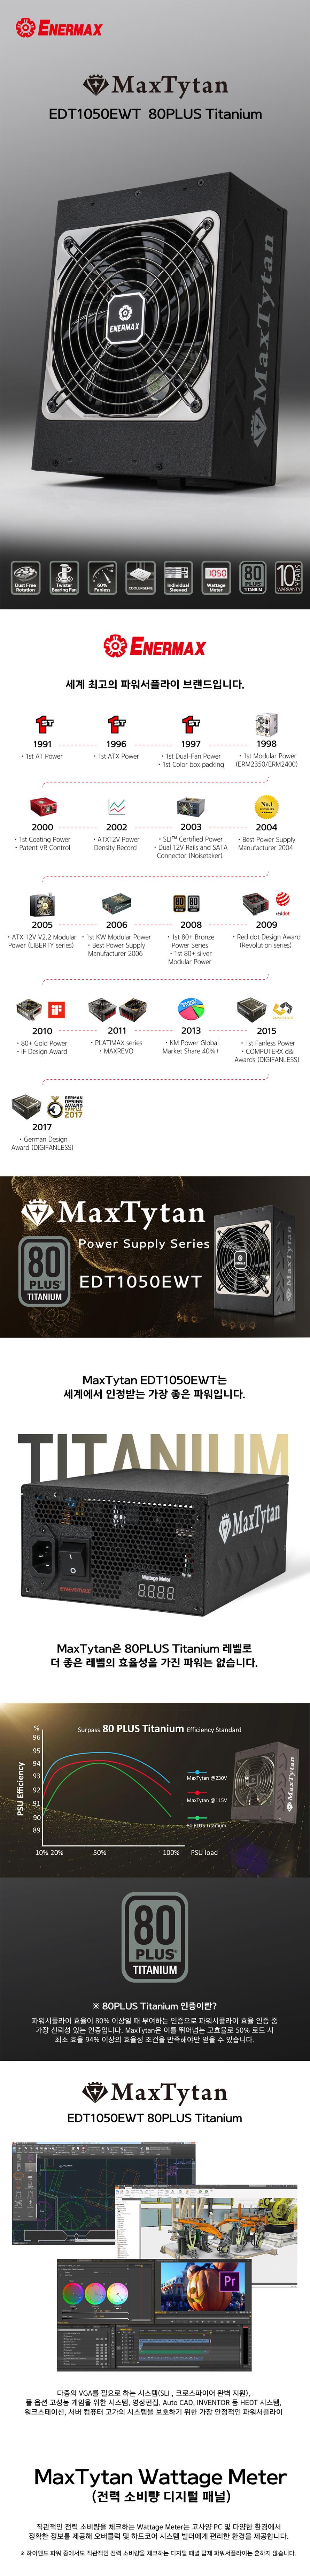 MaxTytan_1050_01.jpg